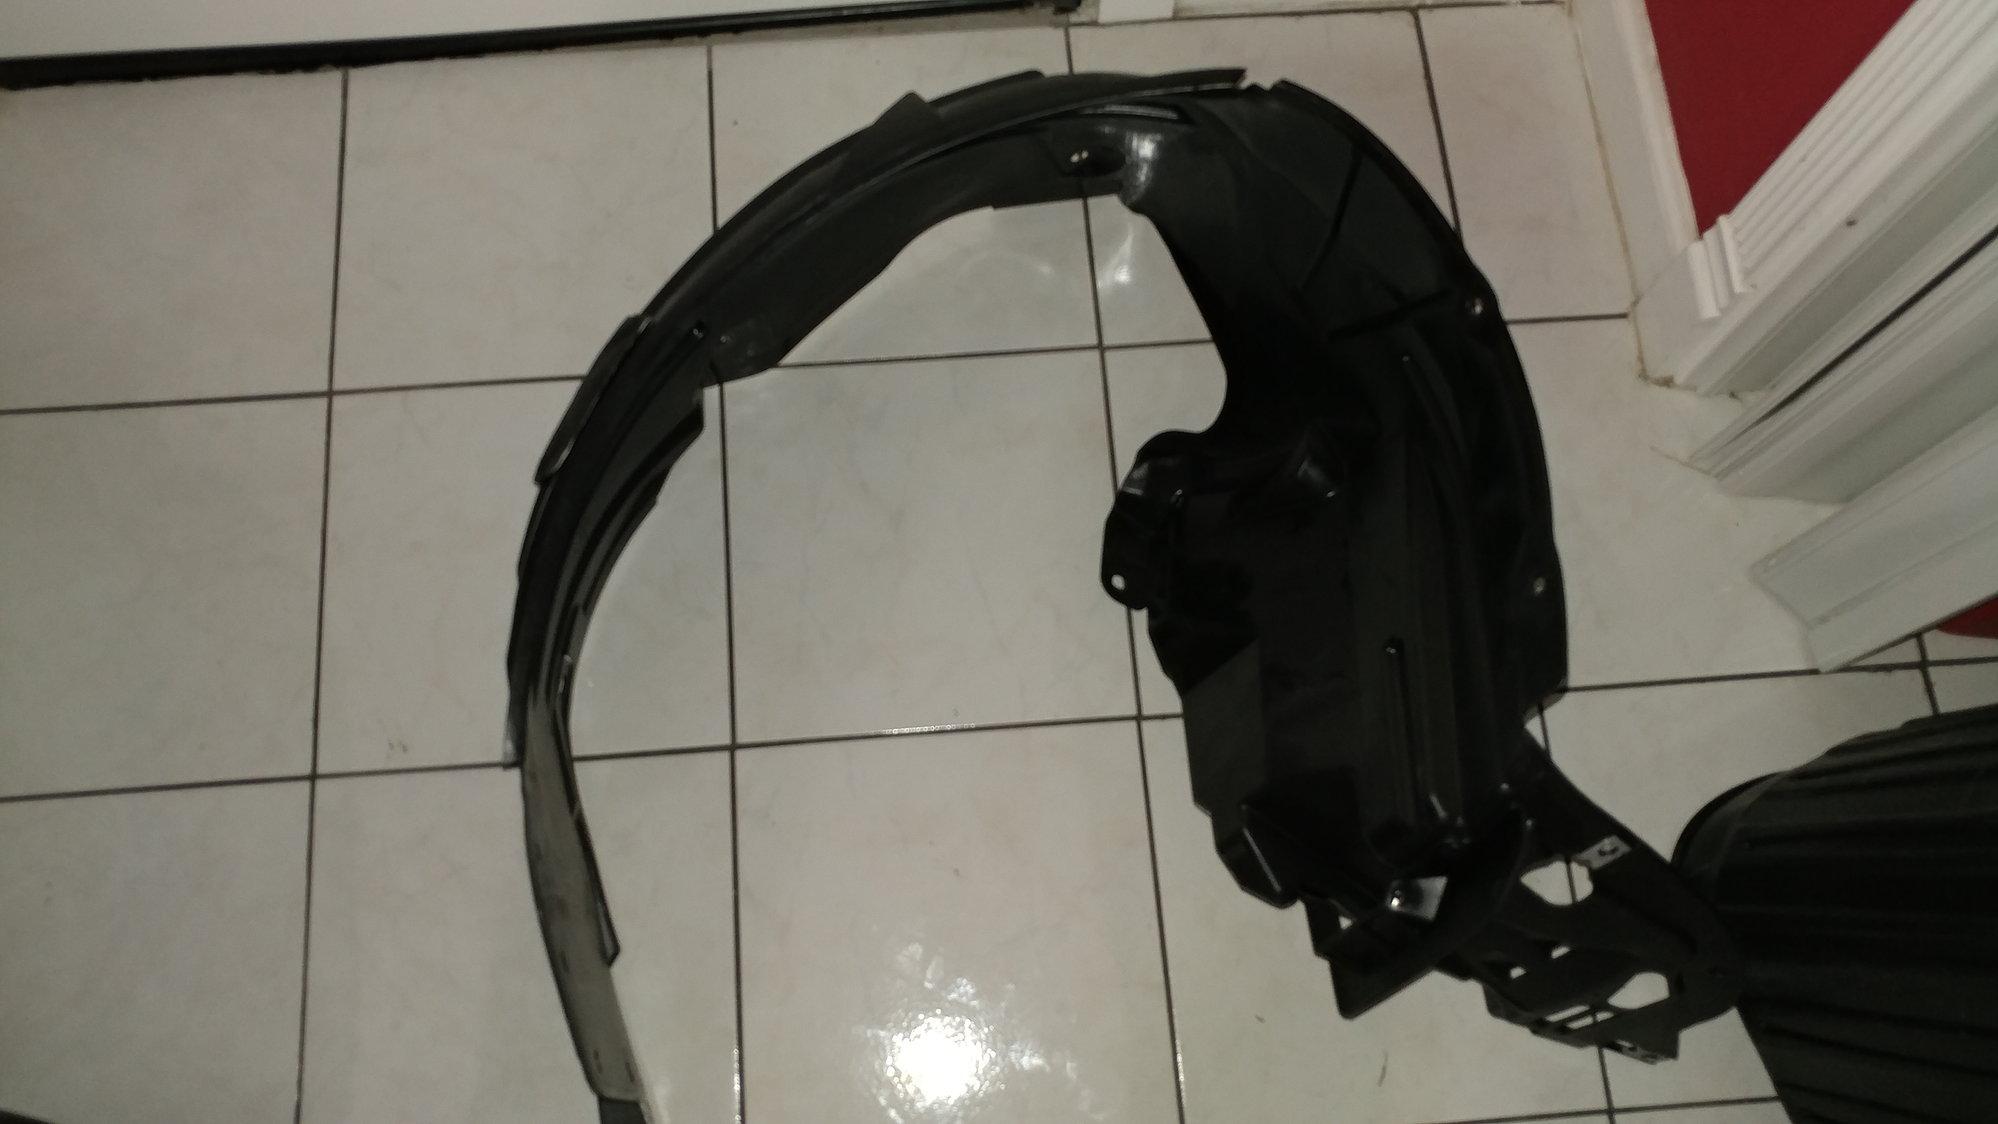 Acura Part No.: 74100-SEP-A10 Fender Assy., R. FR. (Inner)